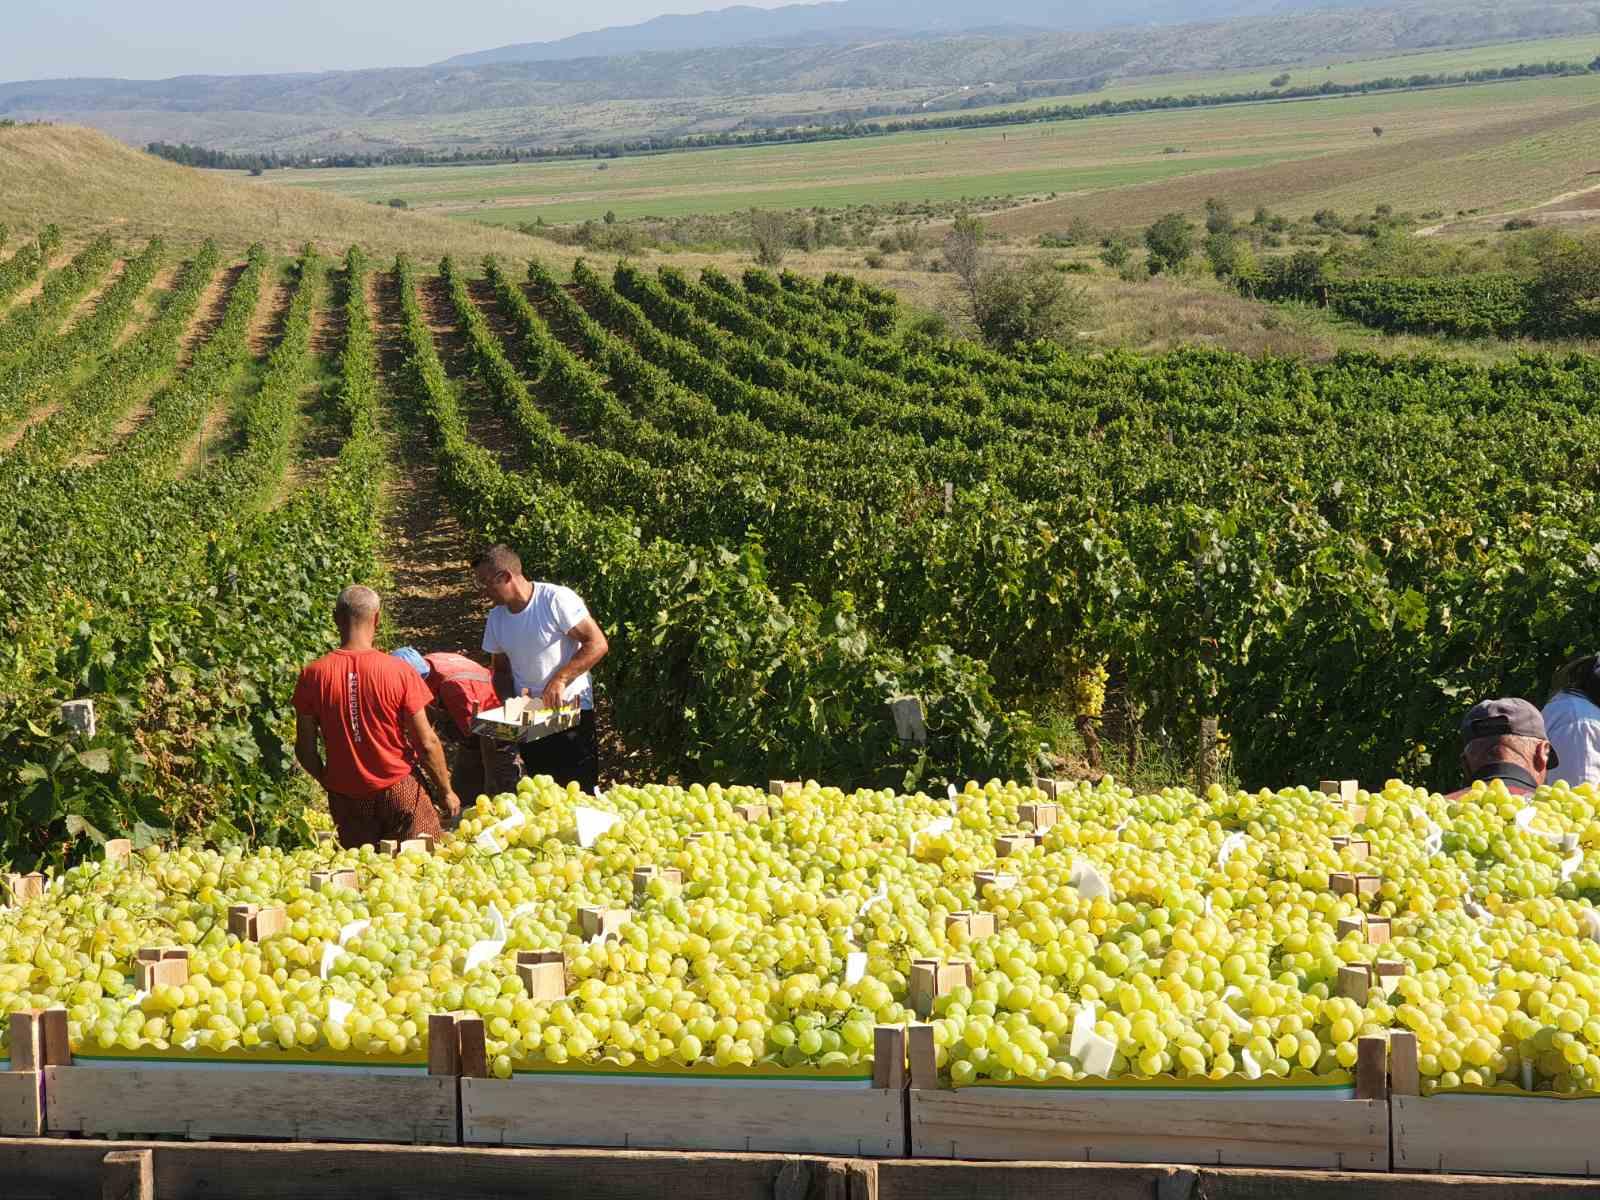 """НФФ: откупната цена на грозјето треба да изнесува 16 ден по кг за """"смедеревка"""" и 17 ден по кг за """"вранец"""""""